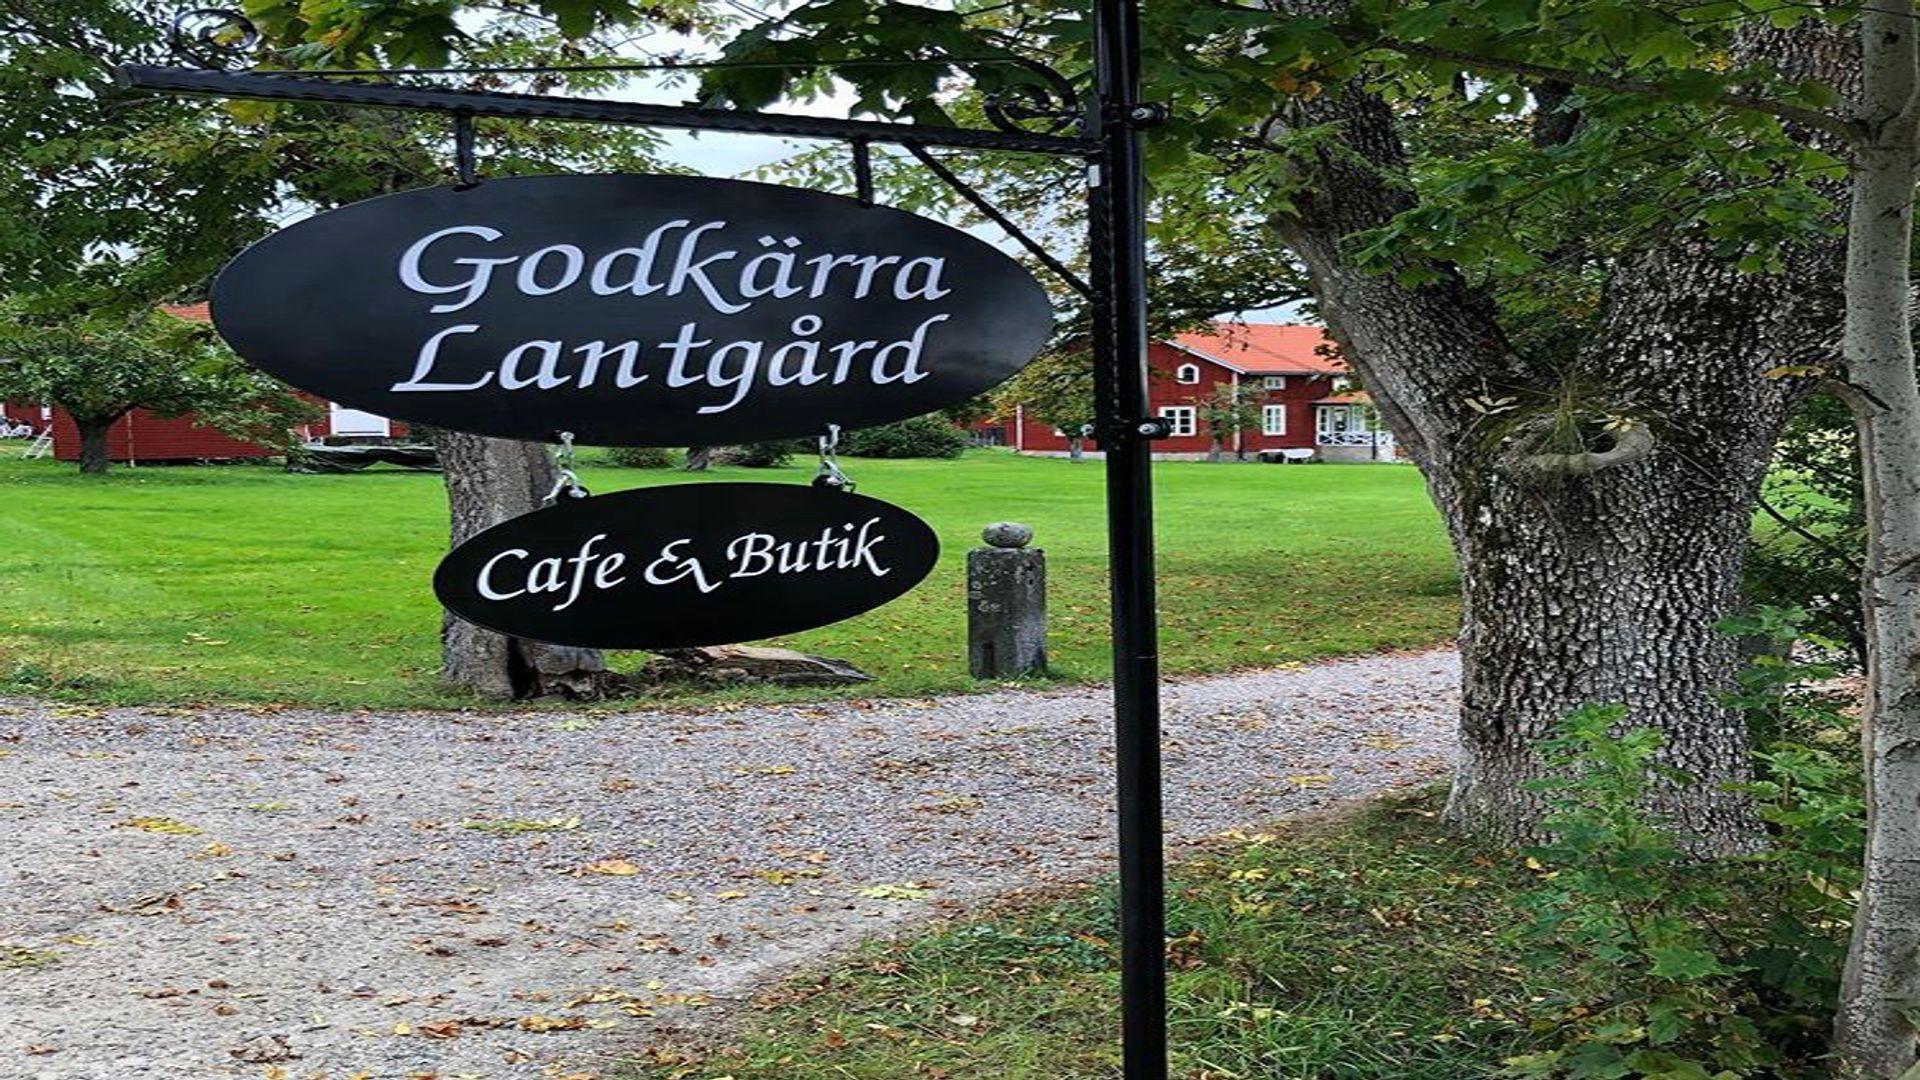 Vacker skylt och hus och grönska vid Godkärra lantgård. Fotograf: Pressbild